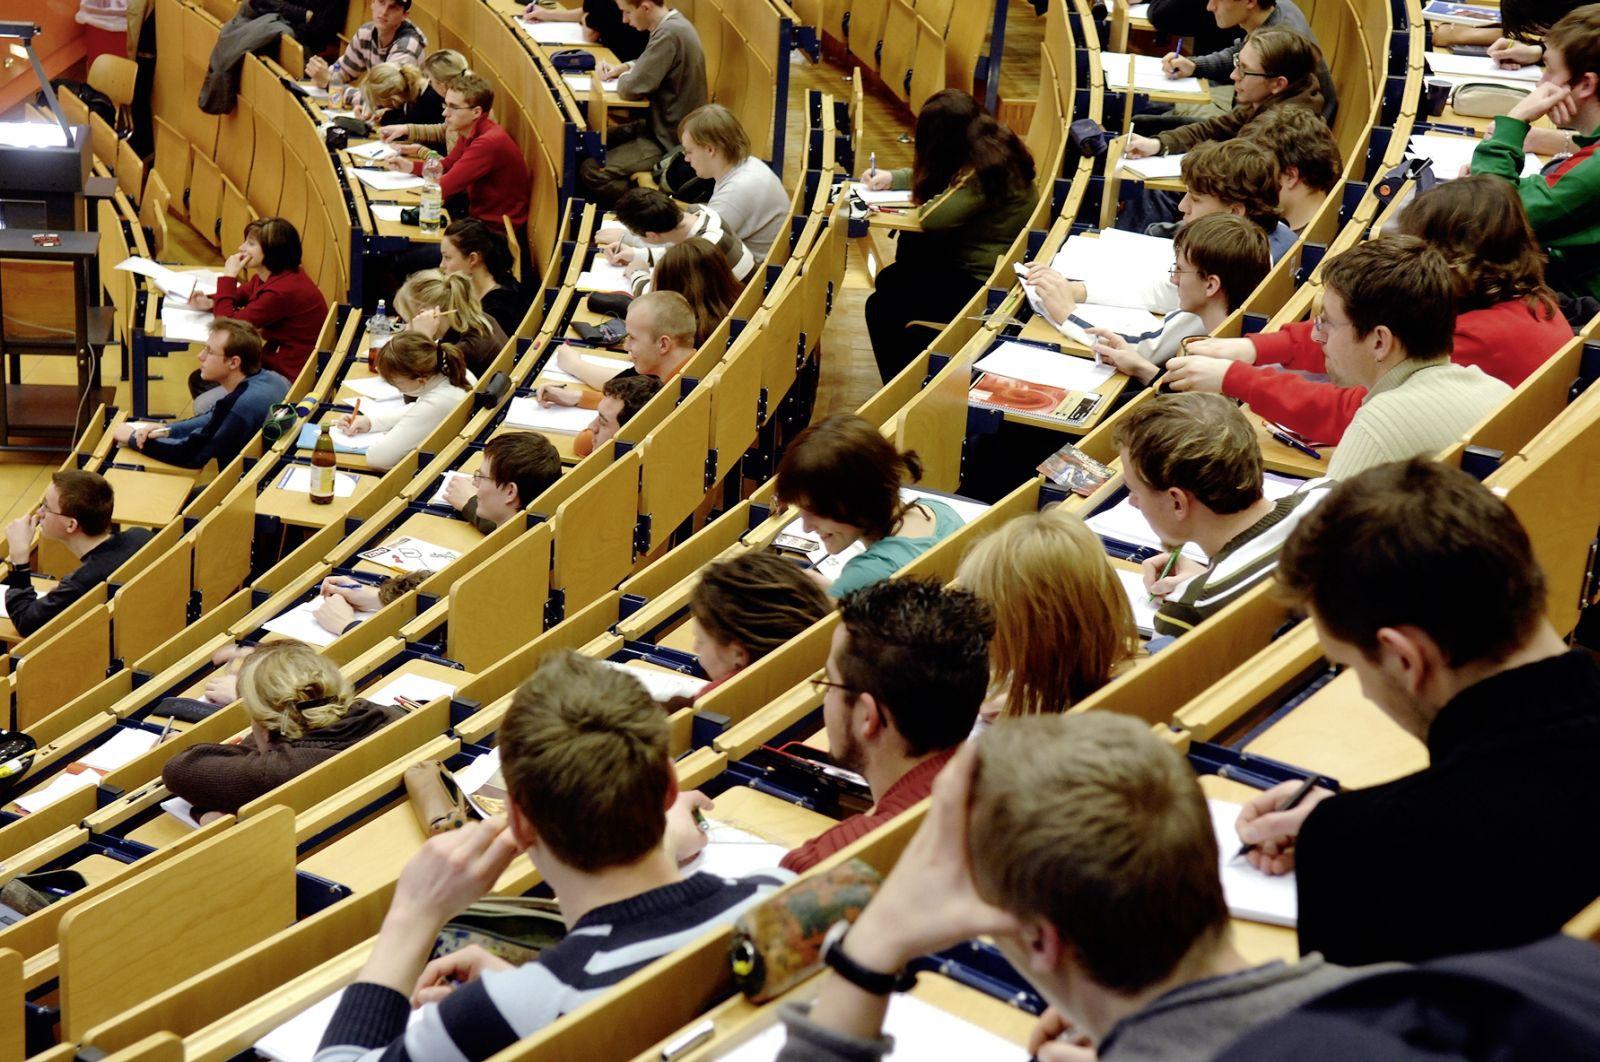 Veste bună pentru studenţi. Ministerul Educaţiei anunţă: Bursele se acordă şi pe perioada vacanţei de vară